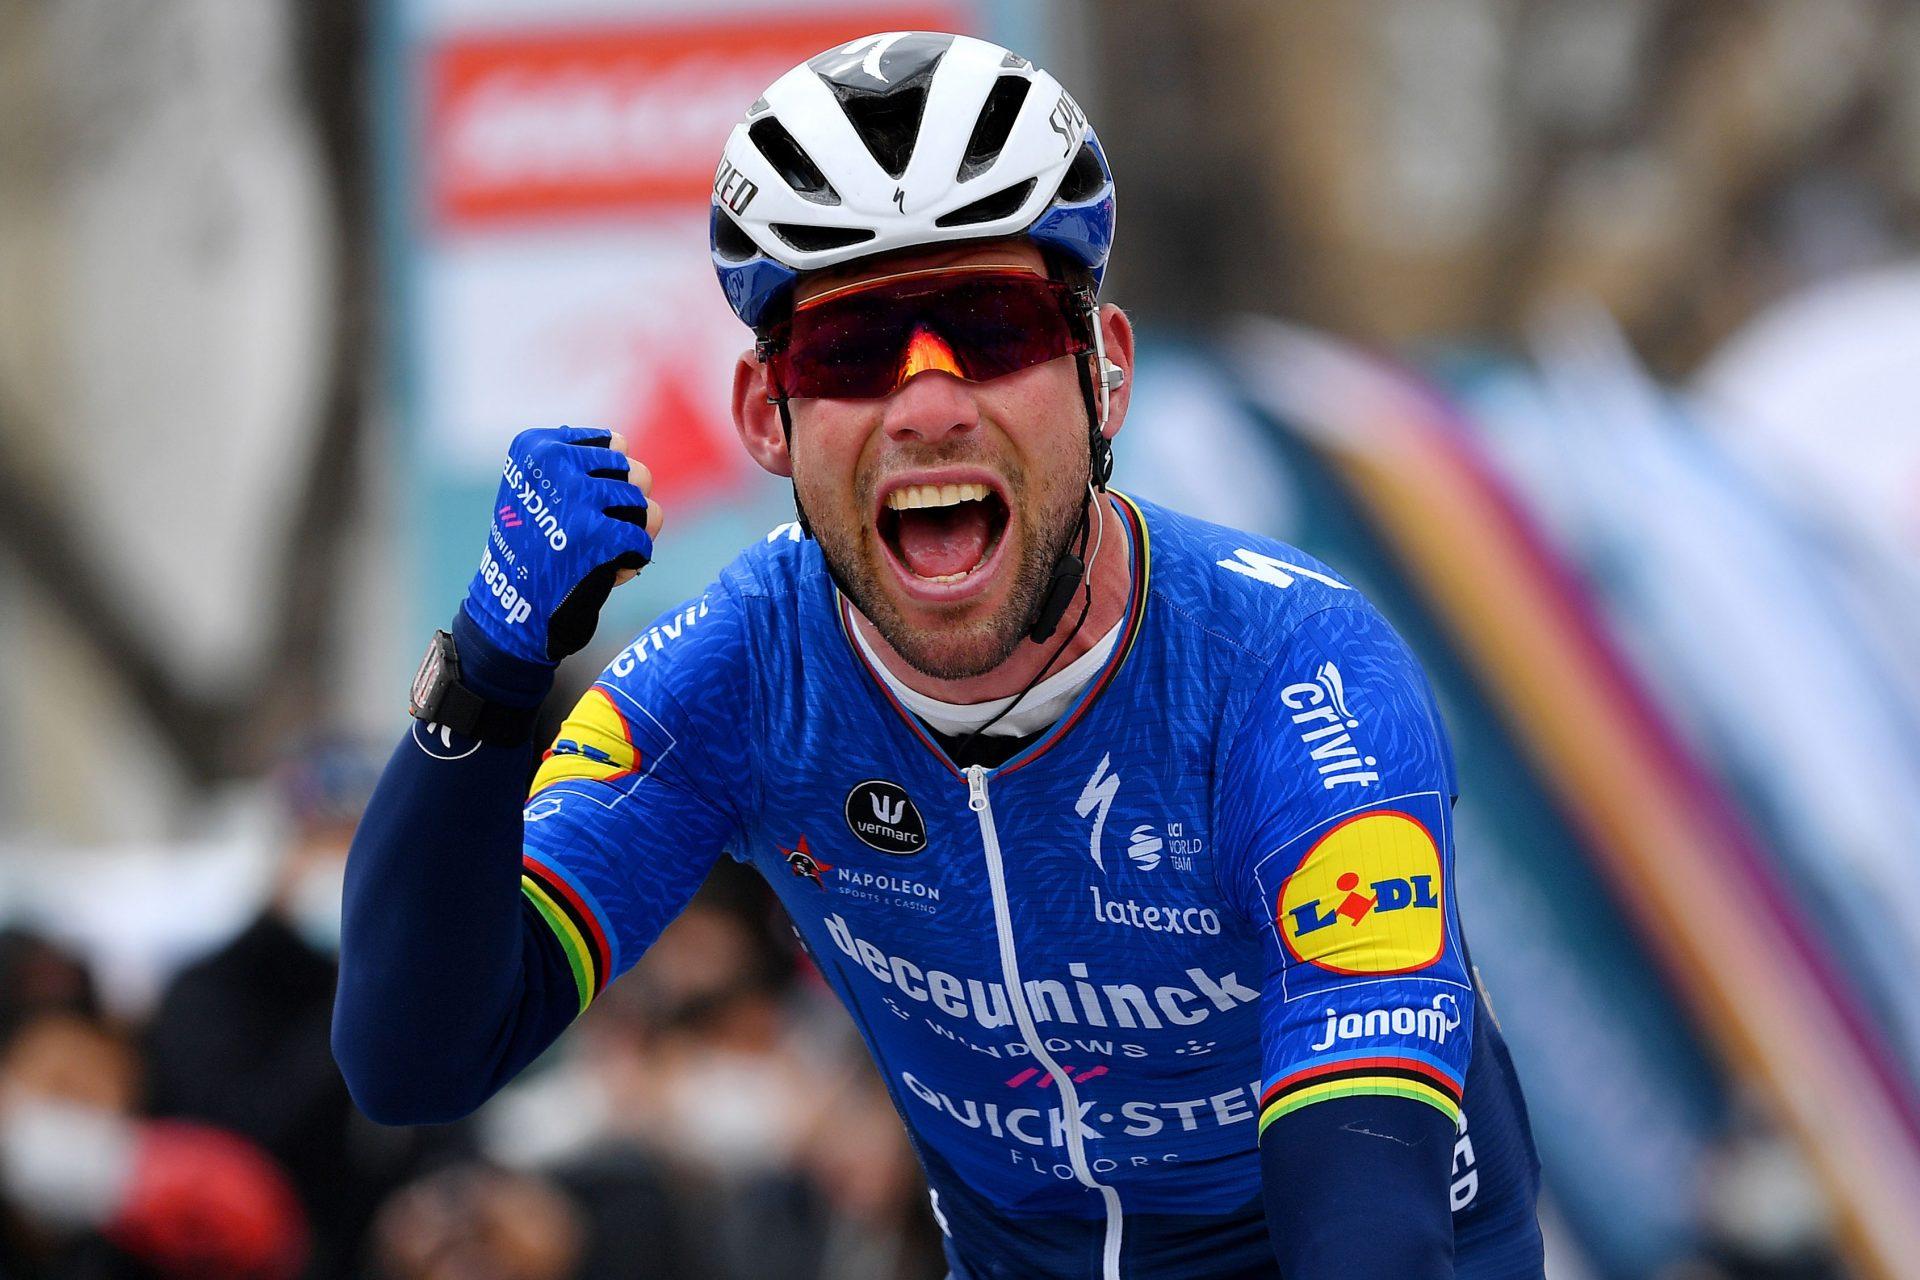 Mark Cavendish a jeho první vítězství po návratu do Deceuninck Quick Step při závodě Kolem Turecka. Foto: Getty Images/Deceuninck Quick Step